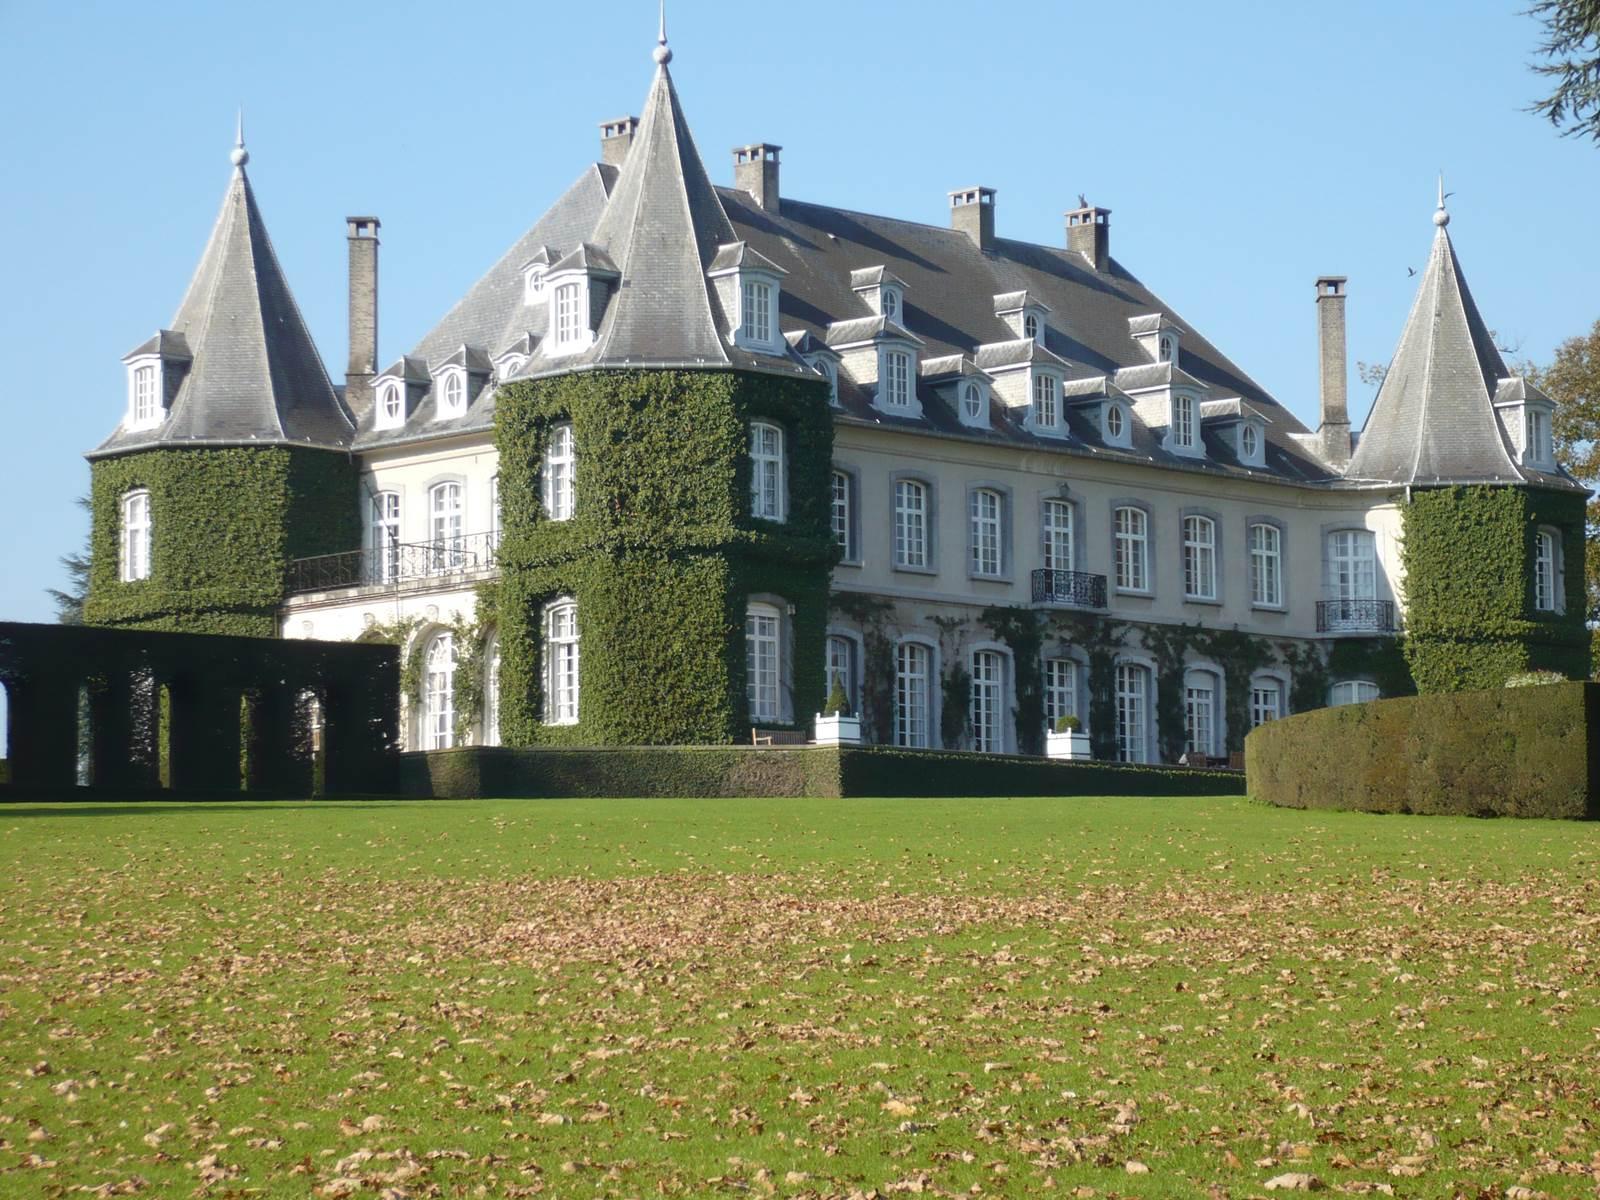 Cercle Royal Horticole de La Hulpe